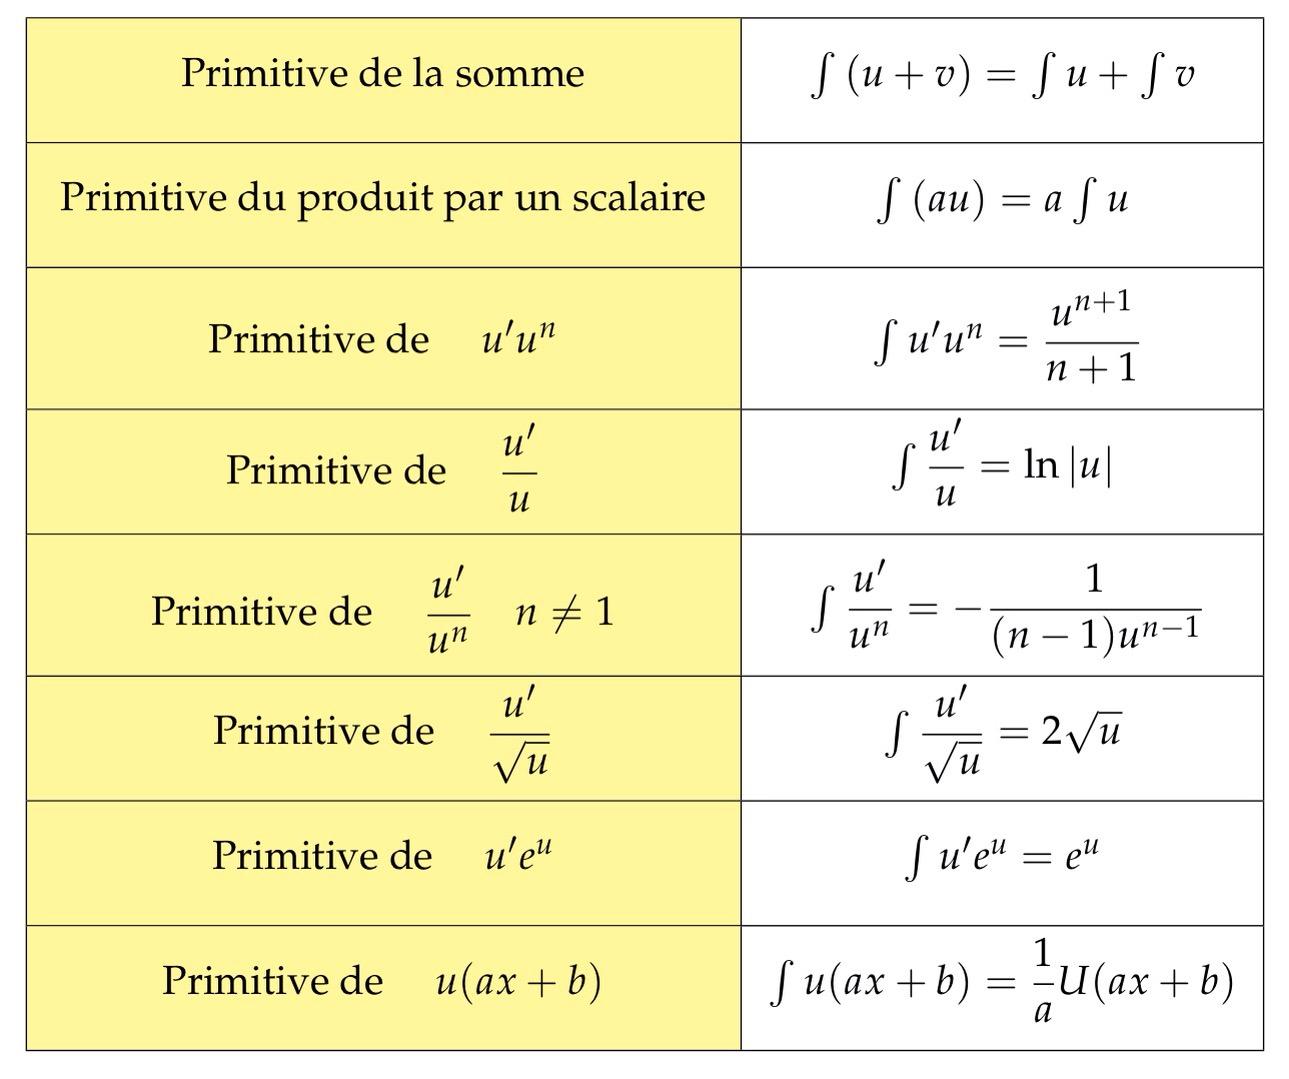 Mathbox Tableau Des Operations Sur Les Primitives